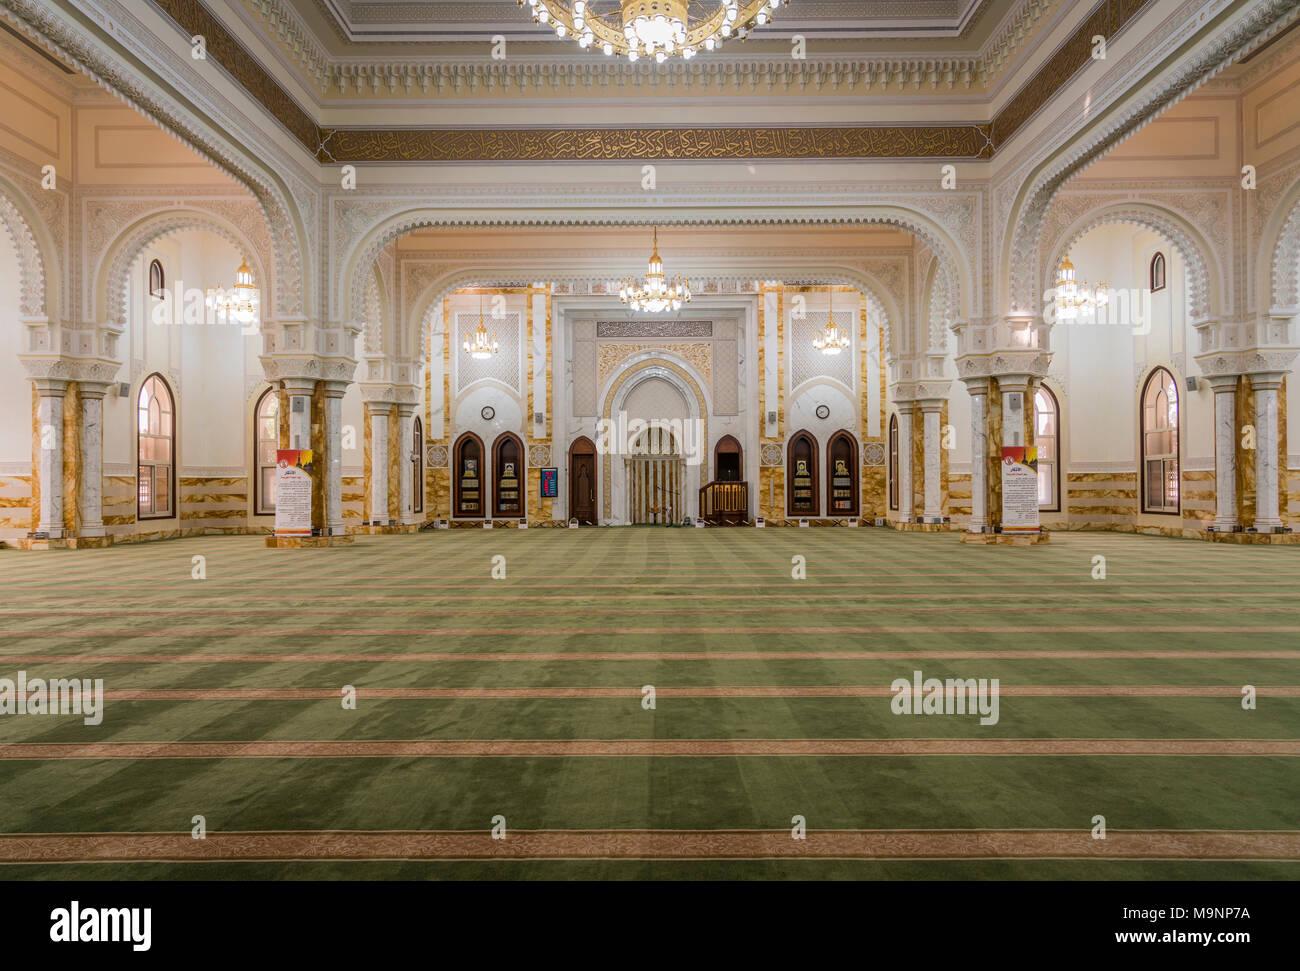 El interior de la mezquita de Al Manara en Dubai, EAU, del Oriente Medio. Foto de stock